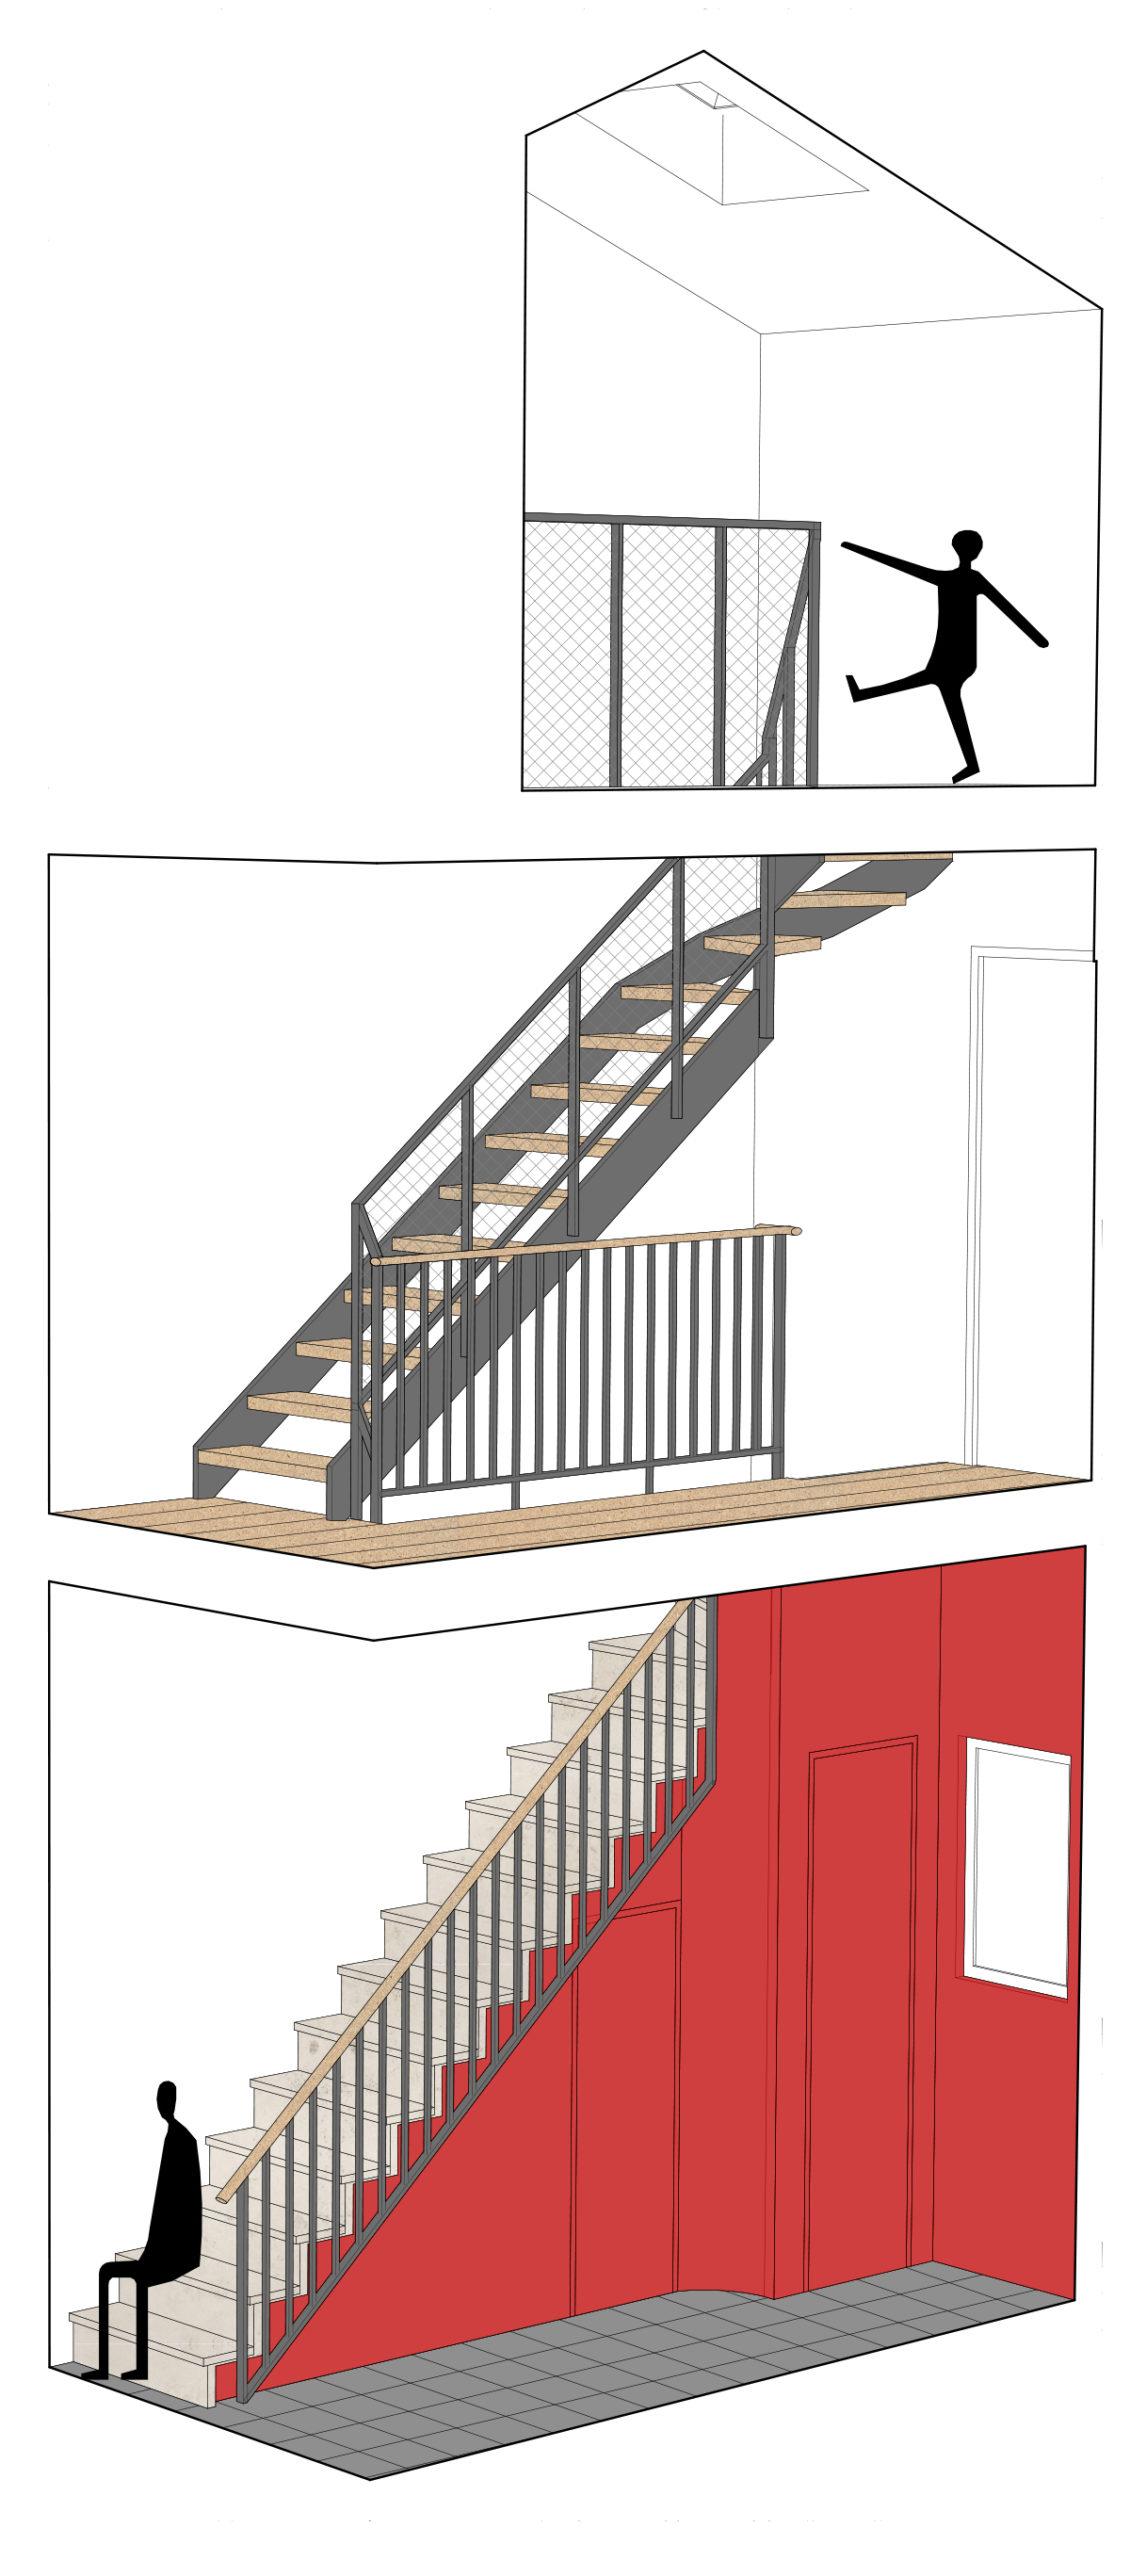 un etage en plus | Sacbé Architectes Bordeaux